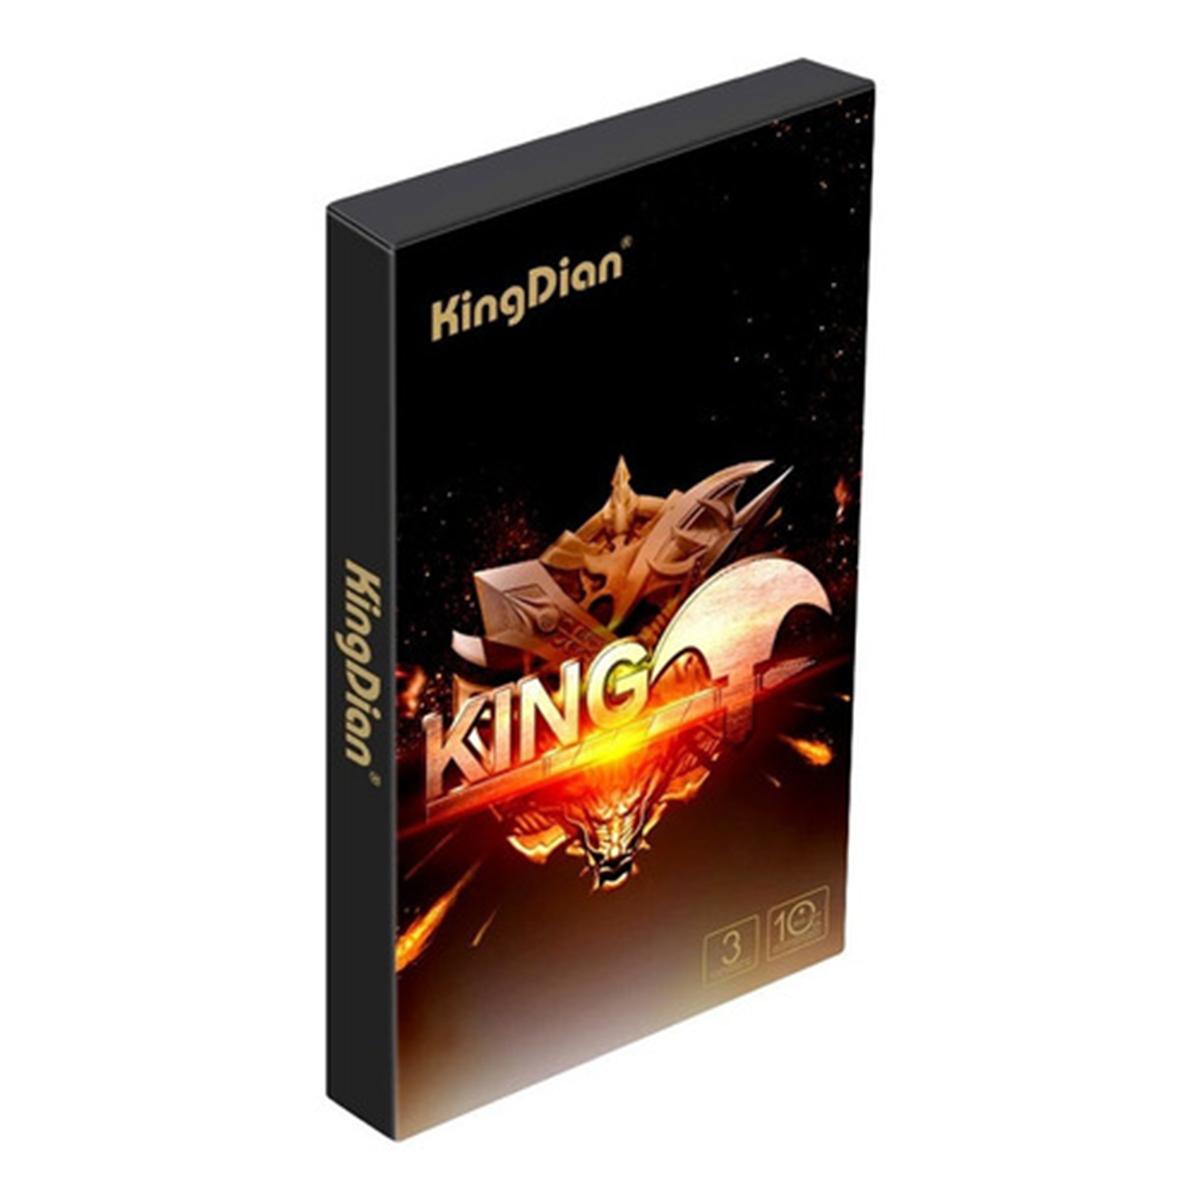 SSD Kingdian - S280 240 GB - Notebook Ultrabook PC Desktop